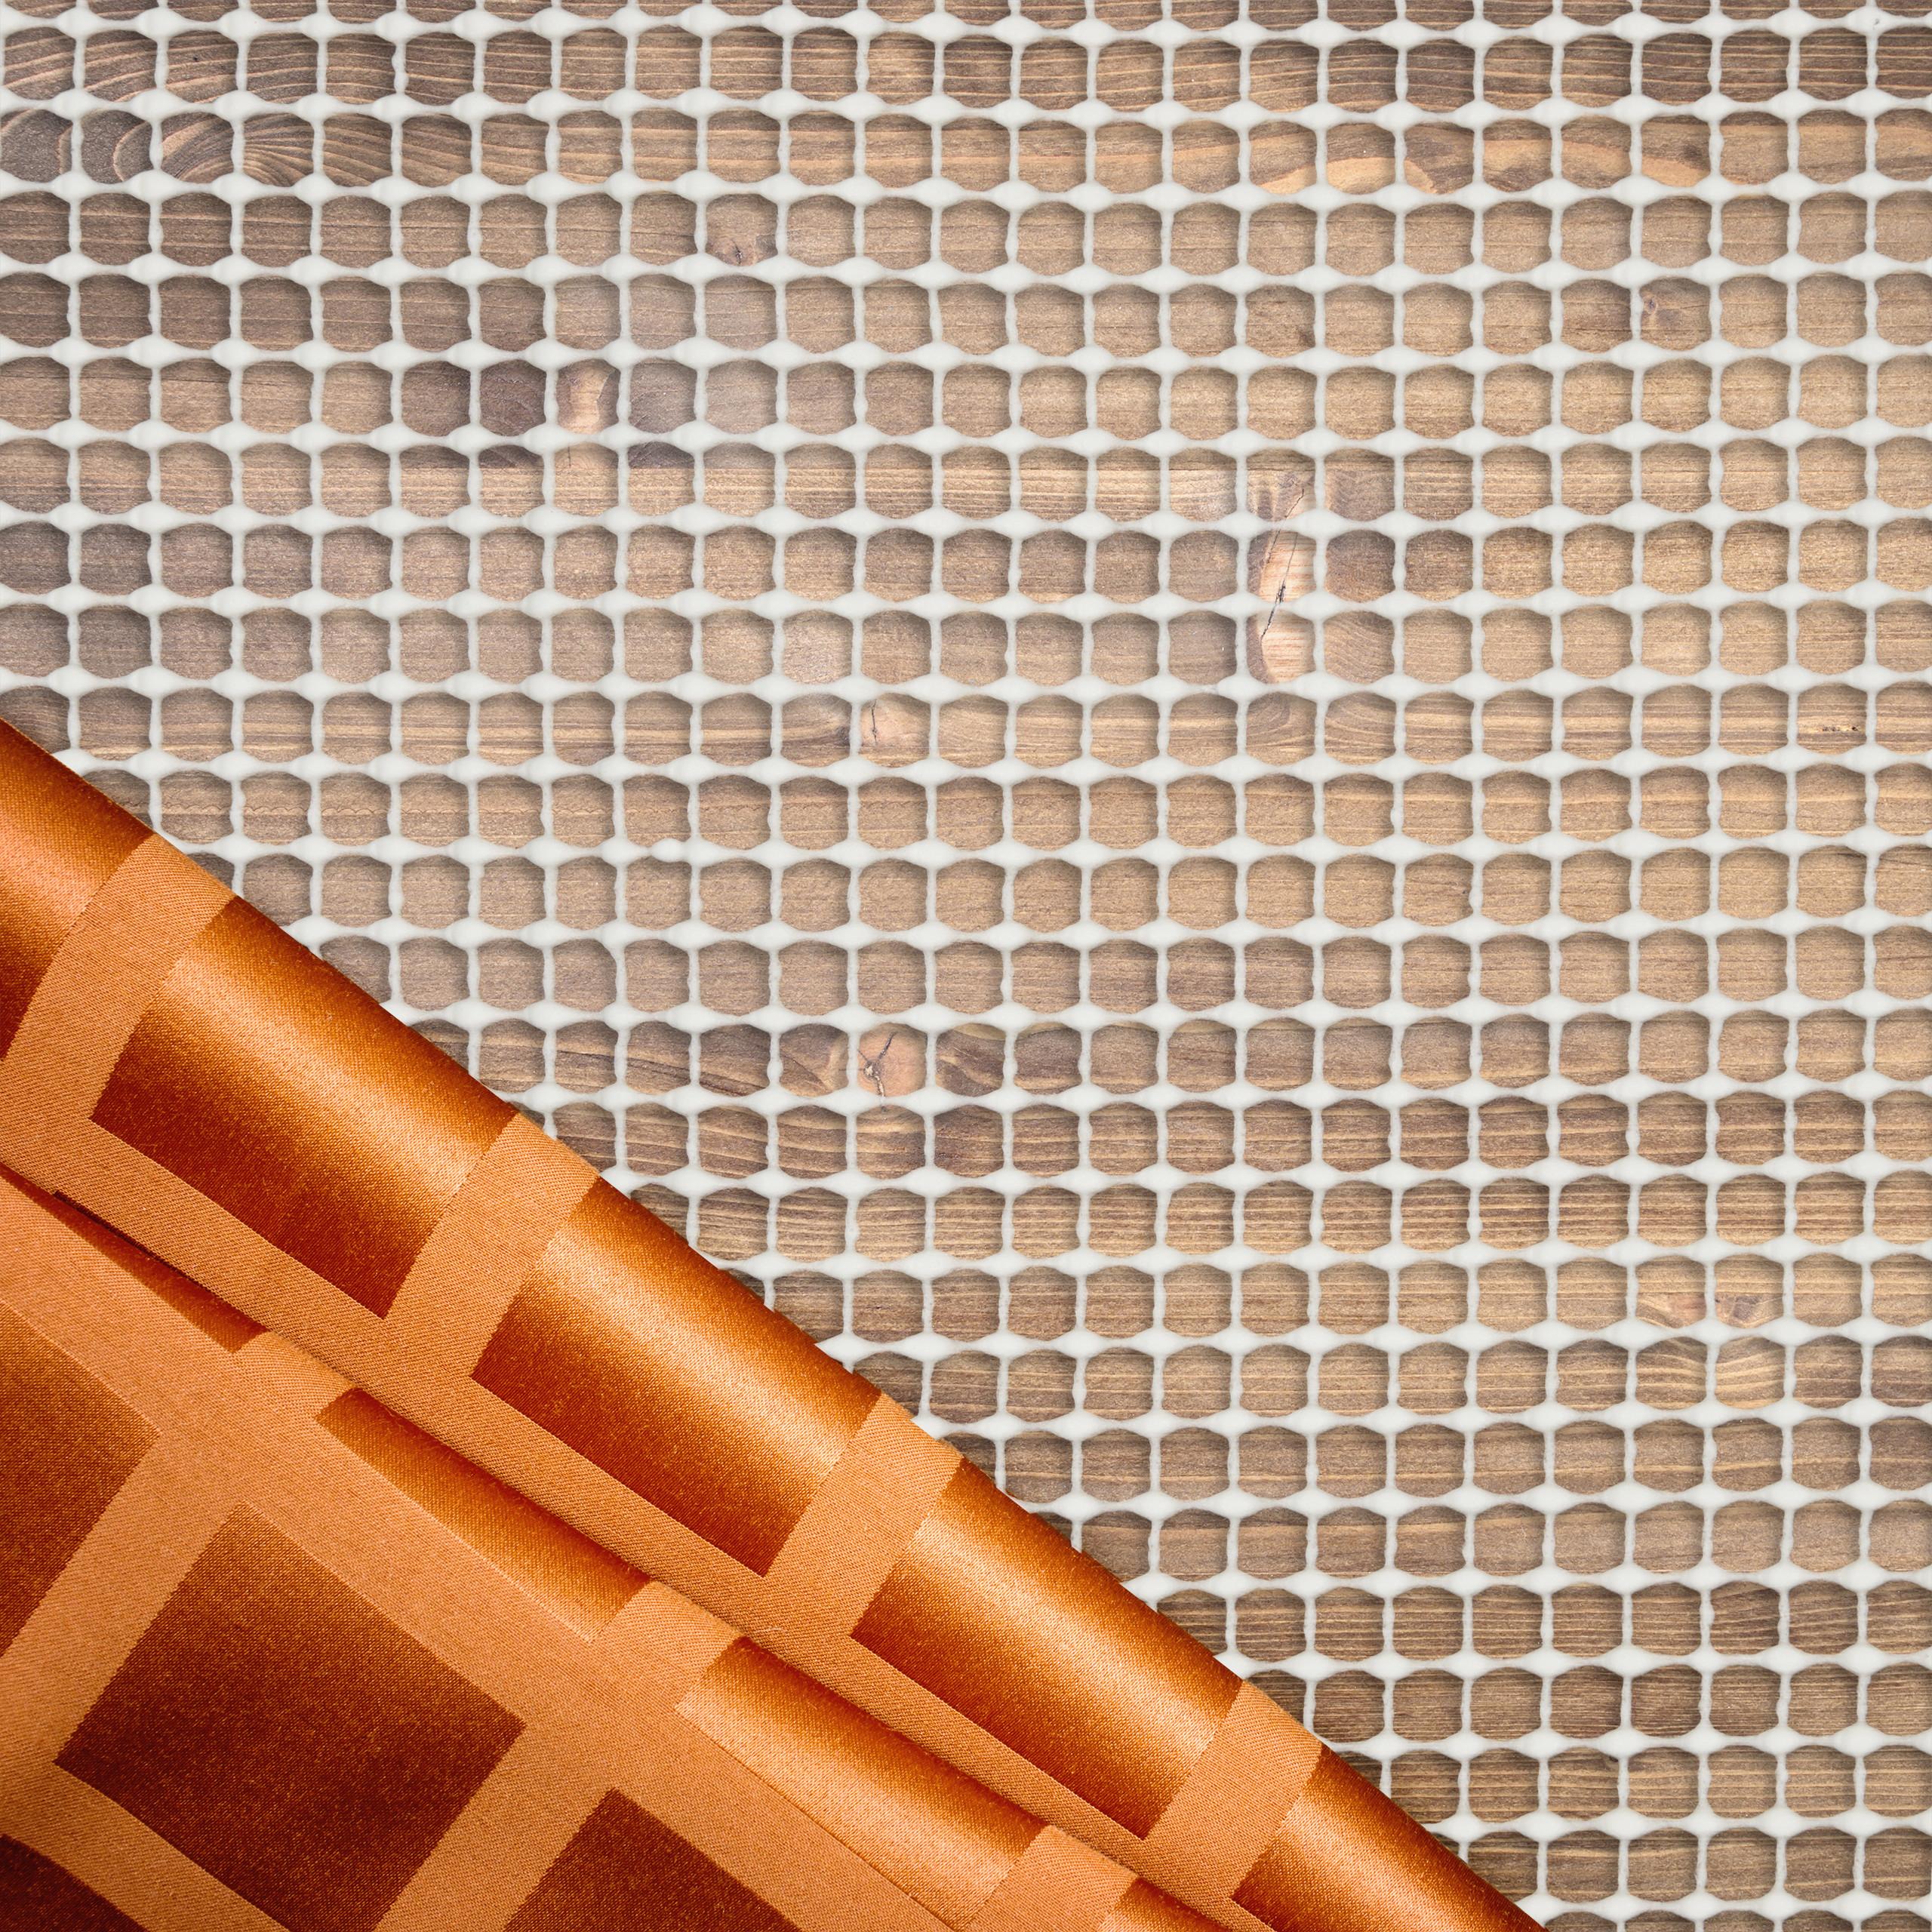 Details about Antirutschmatte für Teppich Rutschmatte Teppichunterlage  zuschneidbar Küche Bad